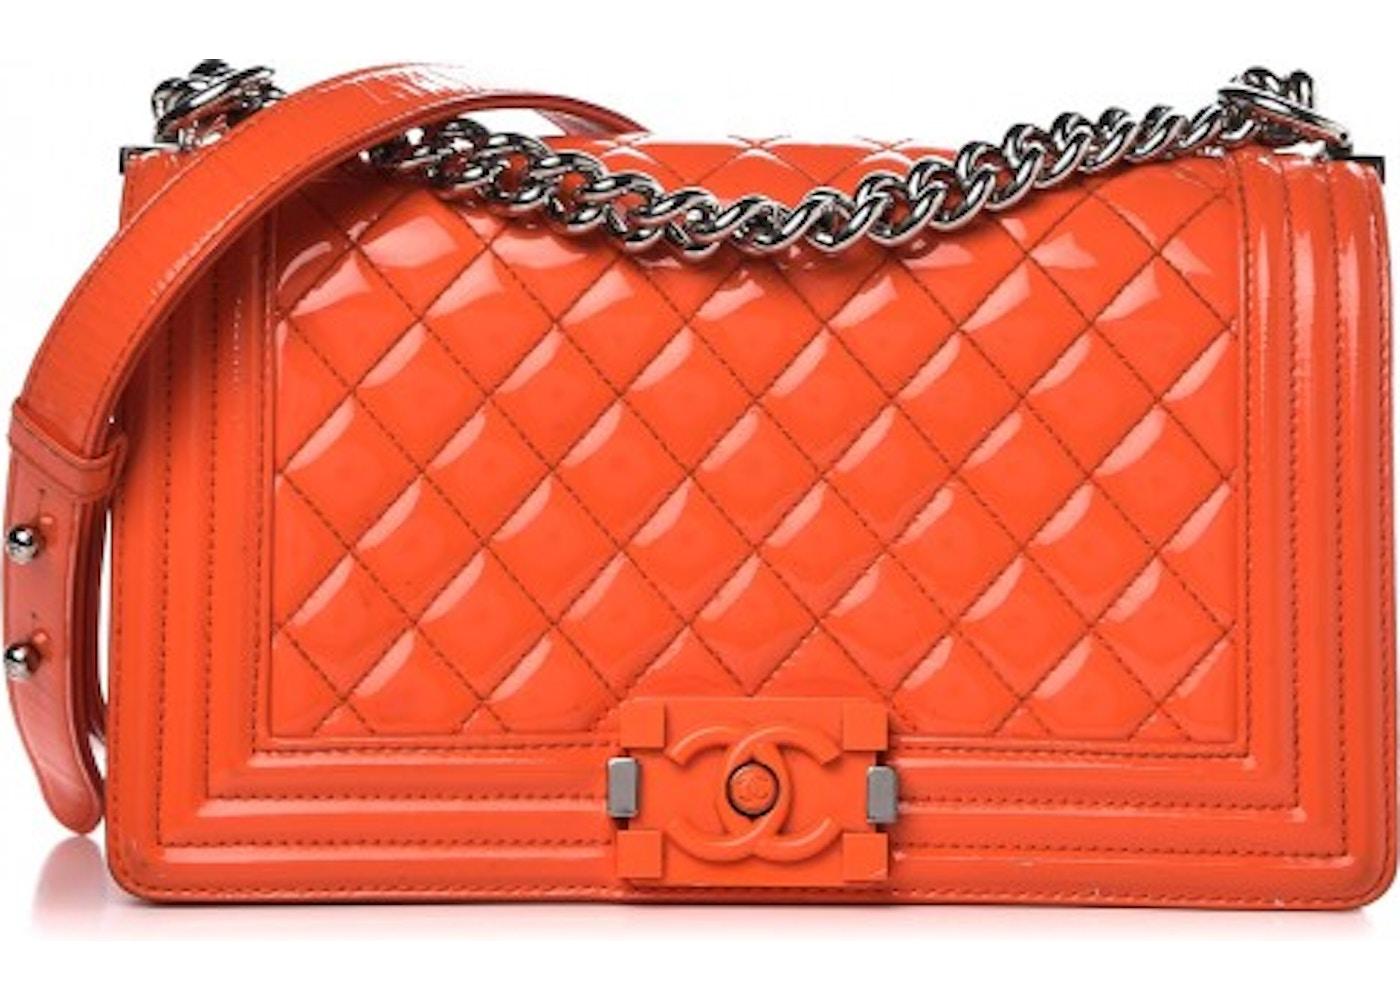 7a9a64831f5a Chanel Boy Flap Plexiglas Cc Quilted Medium Orange